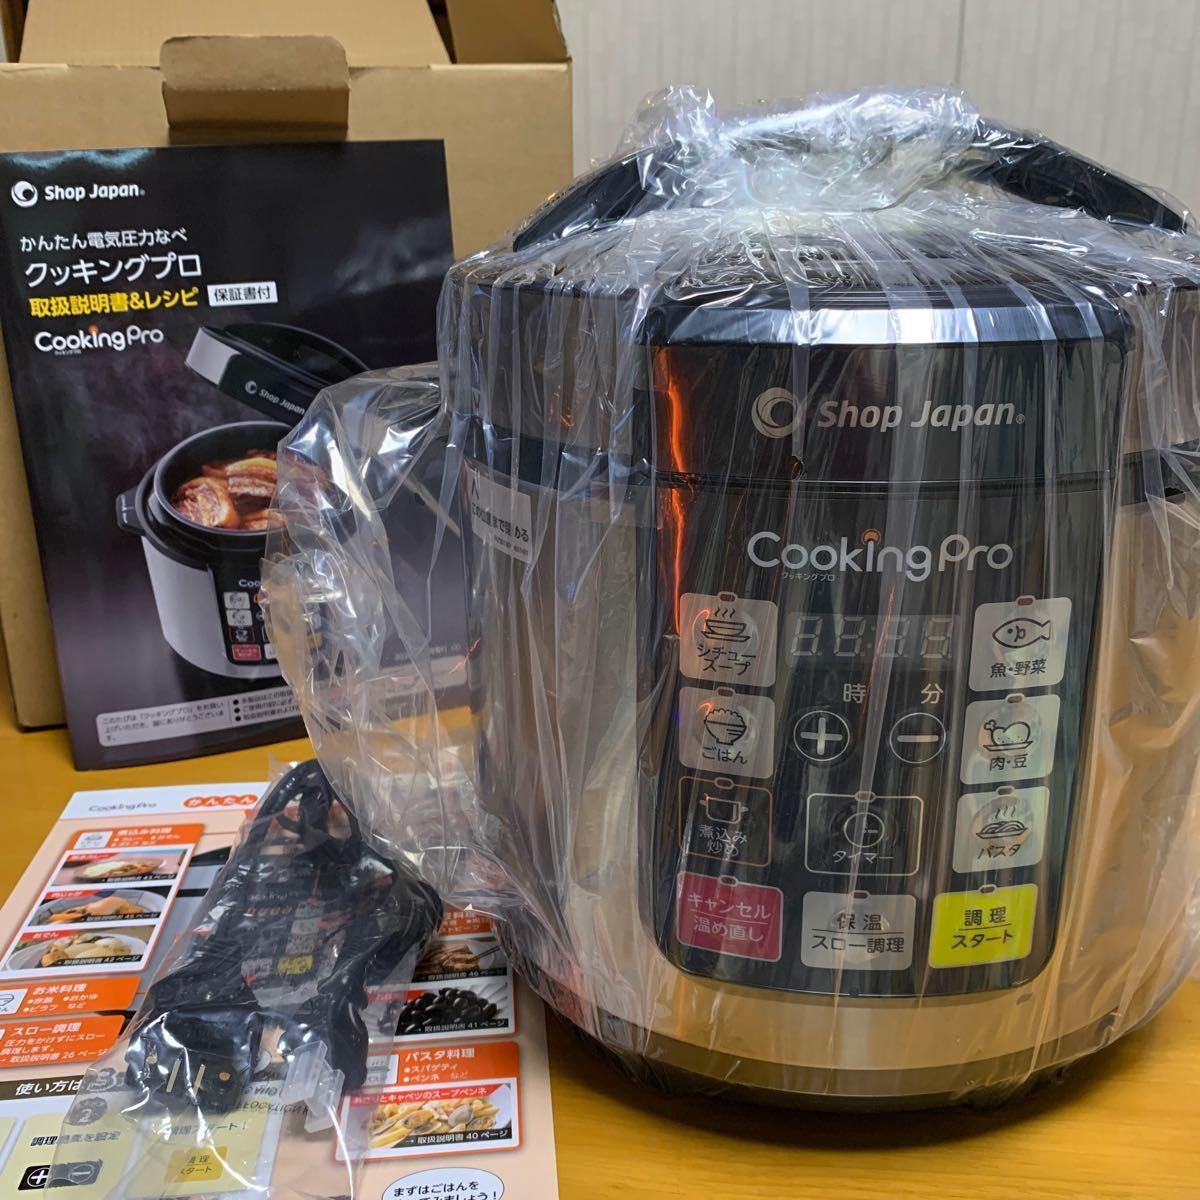 電気圧力鍋 クッキングプロ  シルバー 新品 ショップジャパン